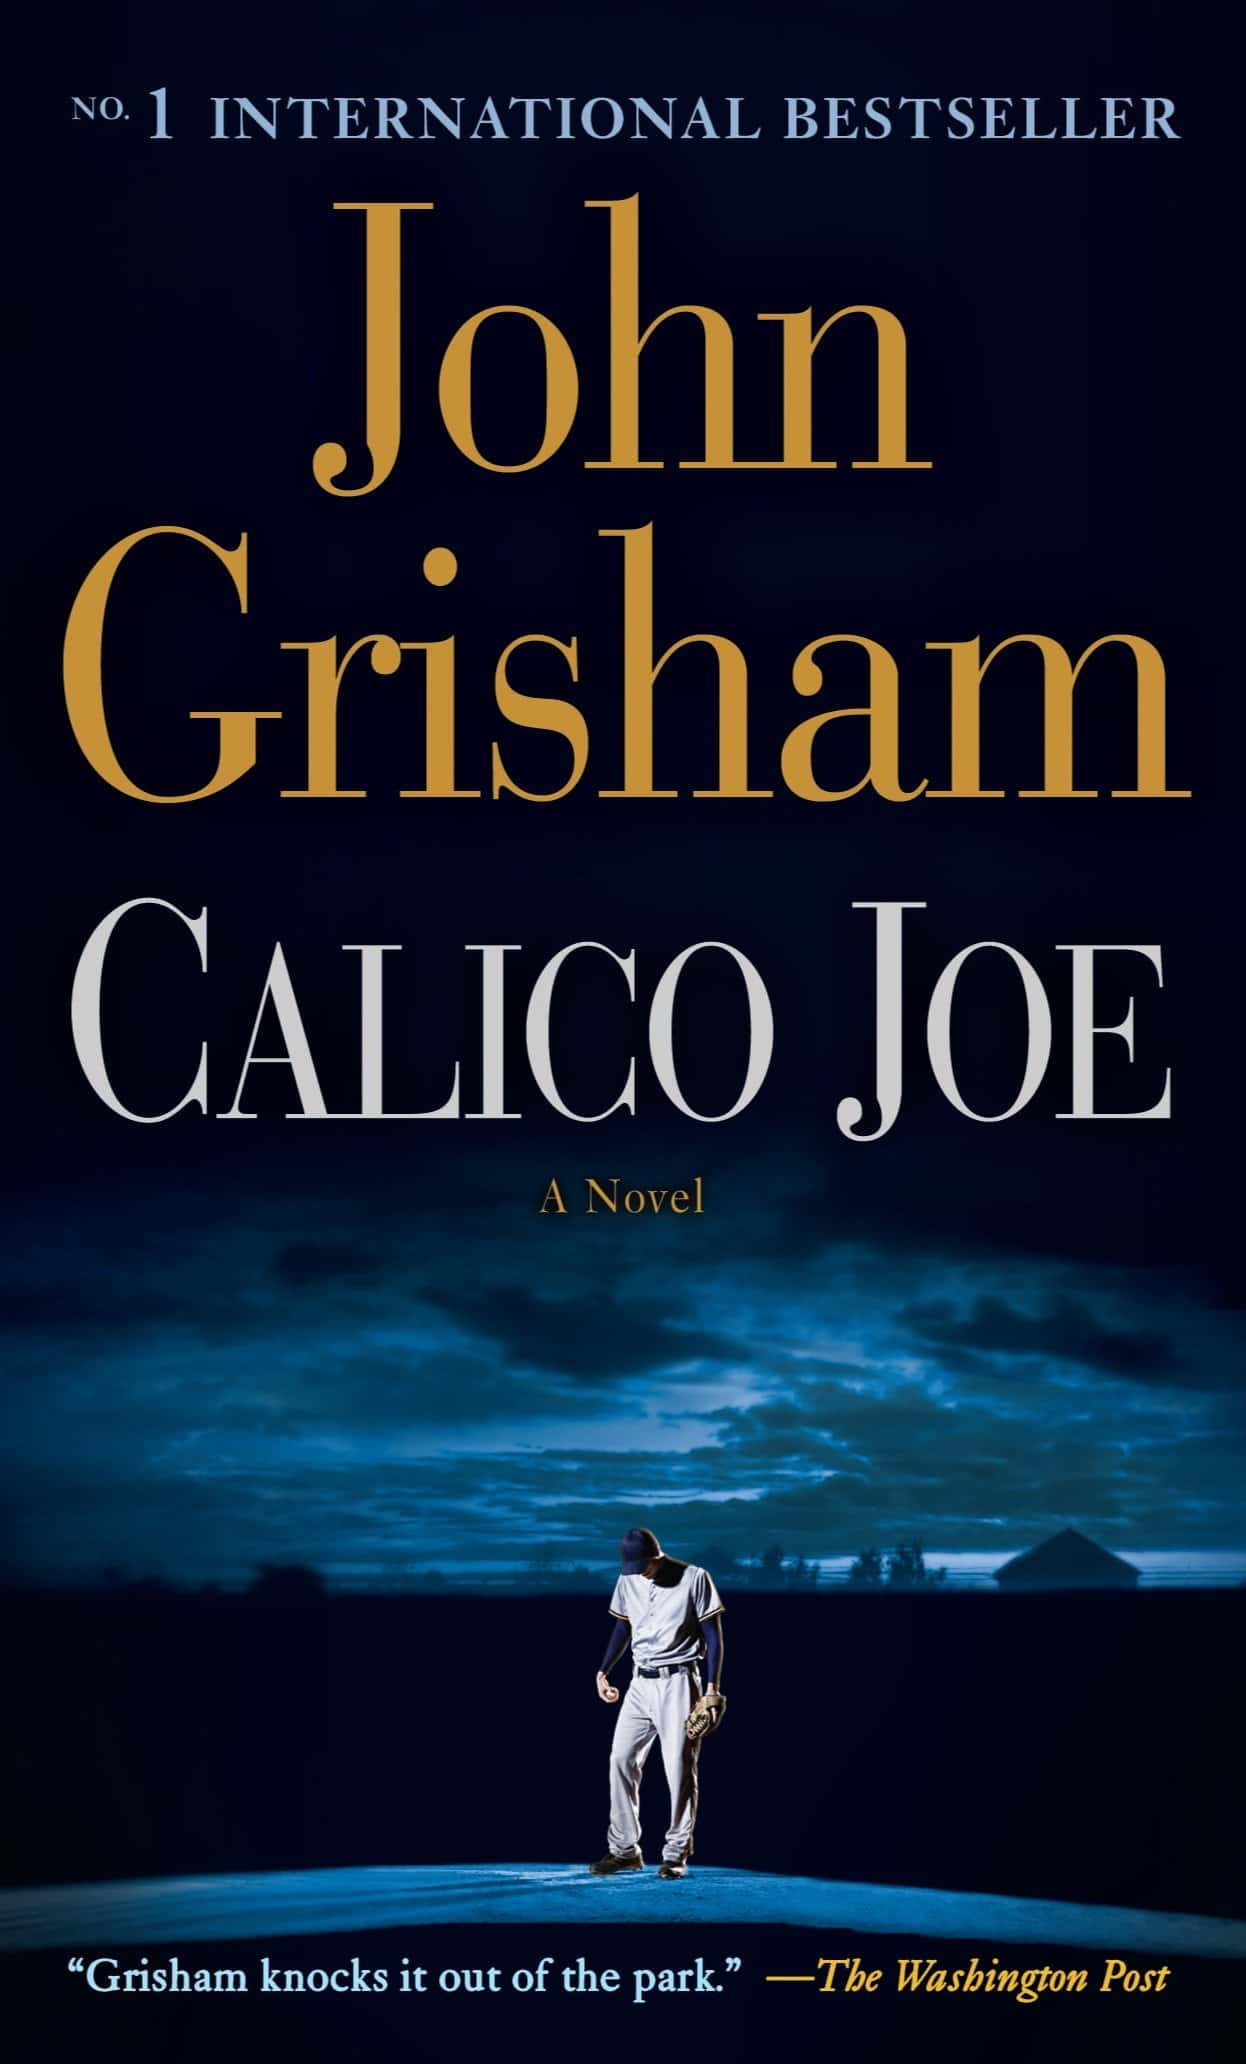 Calico Joe | Clooney adaptiert Grisham Buch